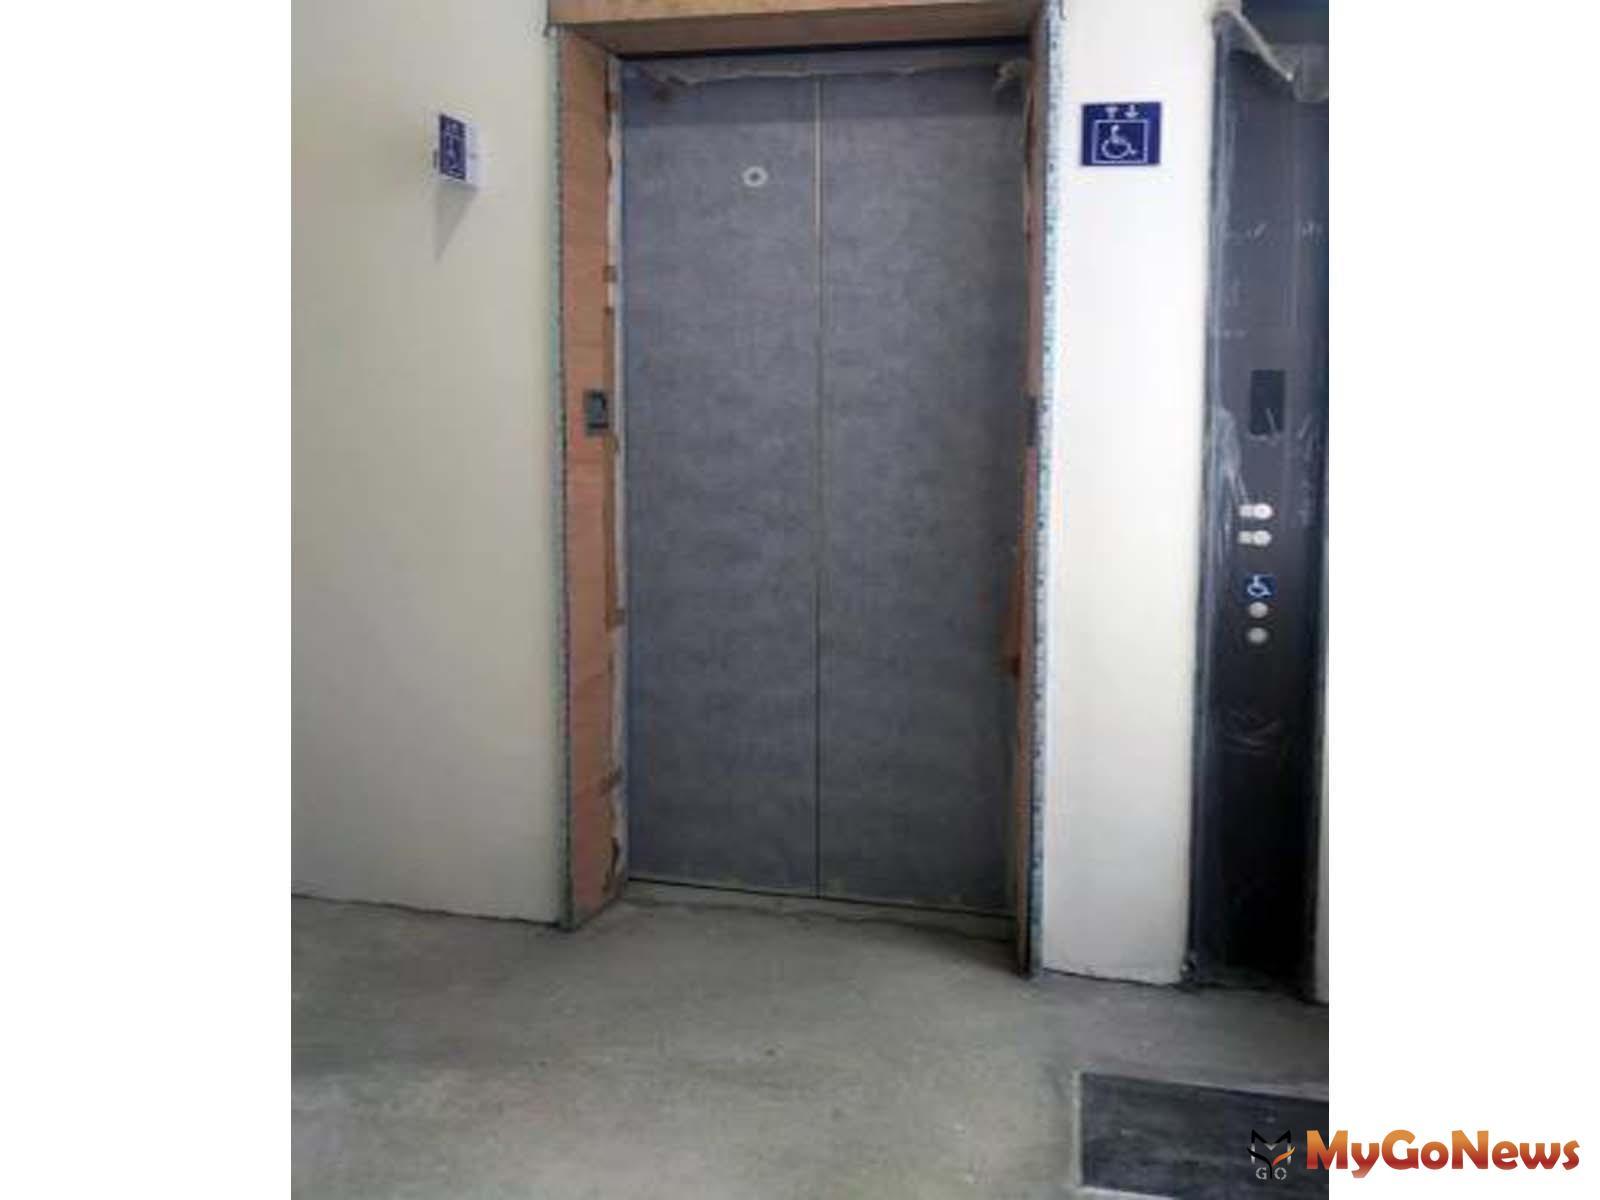 5樓以下公寓大廈申請增設電梯完工,台南市補助老舊公寓增設電梯首例(圖/台南市政府) MyGoNews房地產新聞 區域情報